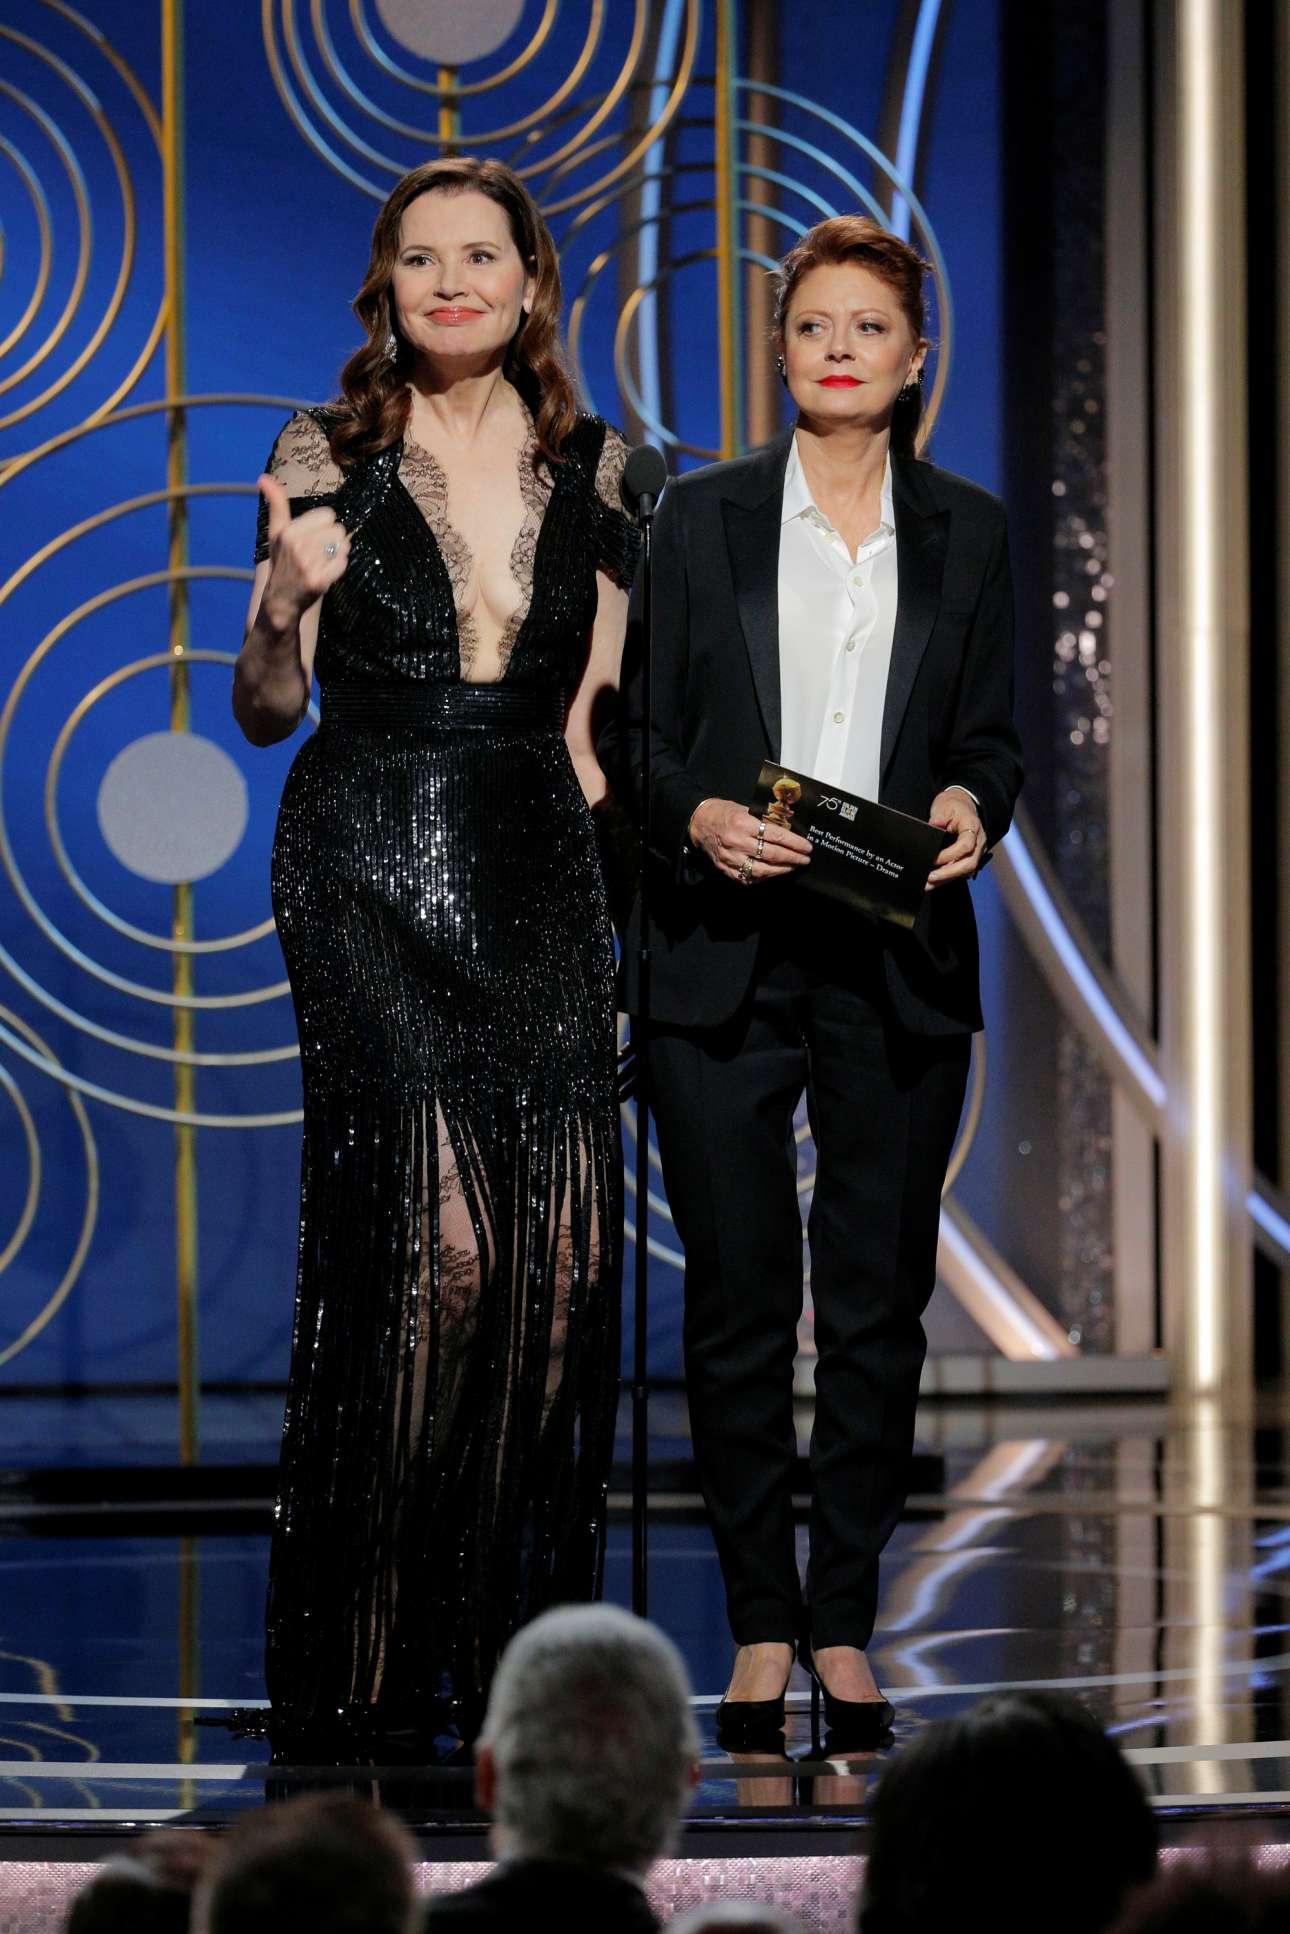 Τζίνα Ντέιβις και Σούζαν Σάραντον, ένα «κλείσιμο του ματιού» στο «Θέλμα και Λουίζ», ένα από τα πιο φεμινιστικά φιλμ των τελευταίων δεκαετιών